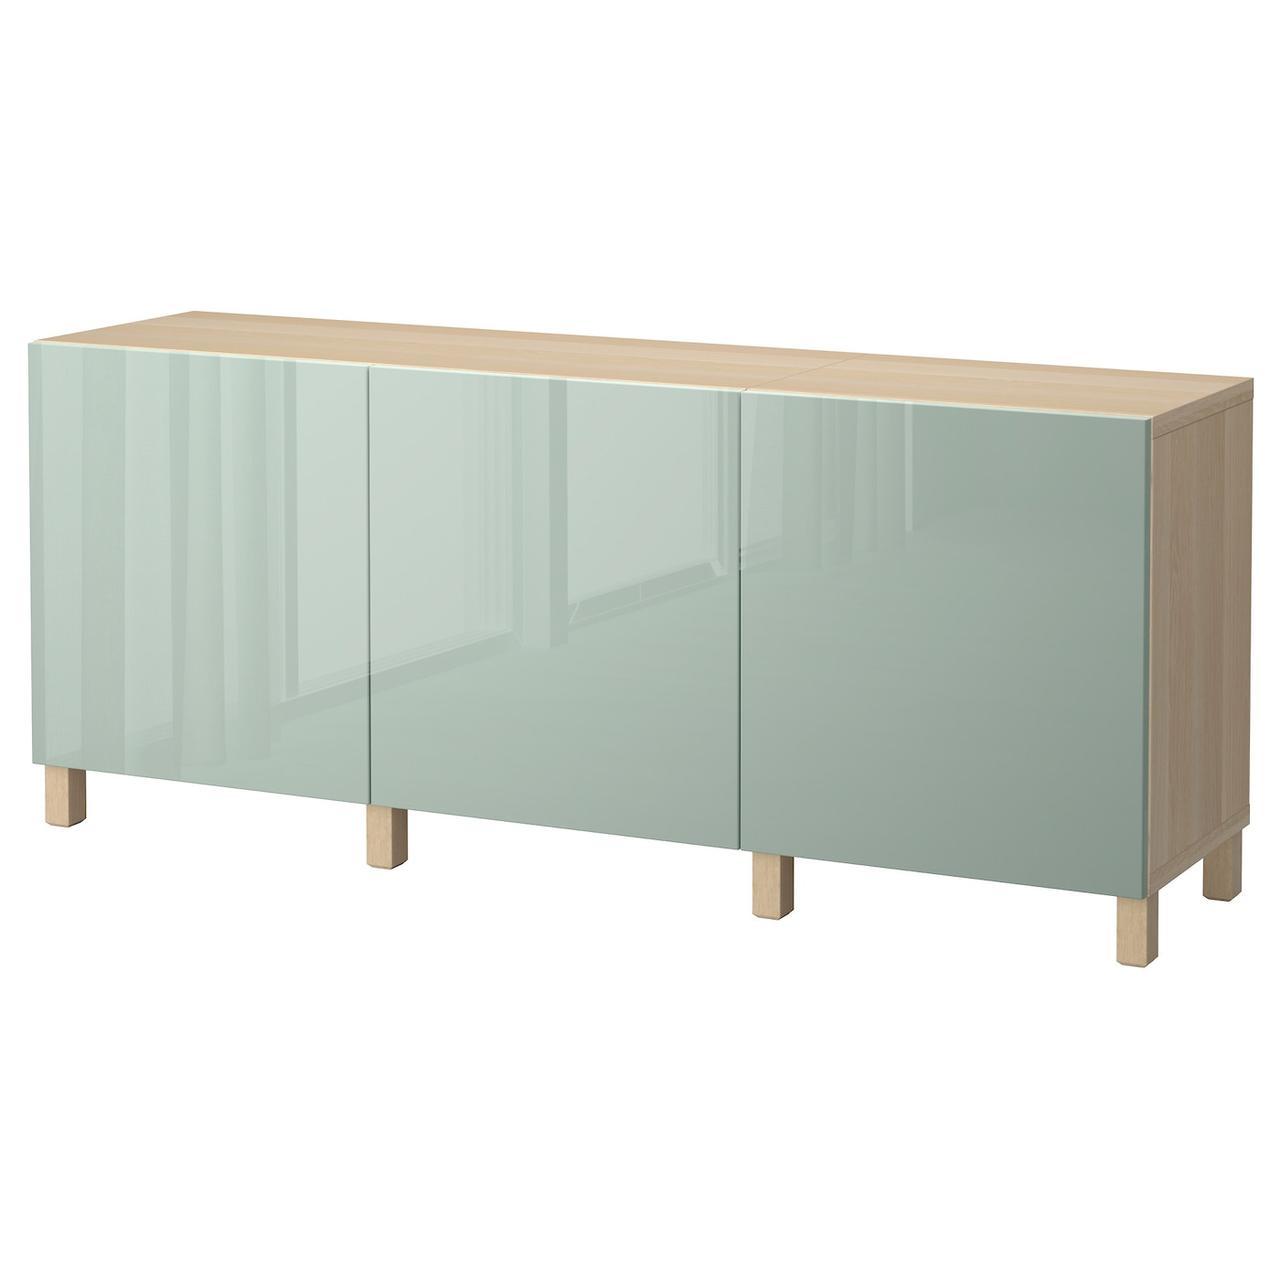 IKEA BESTA Тумба под телевизор 180x40x74 см (292.059.25), фото 1